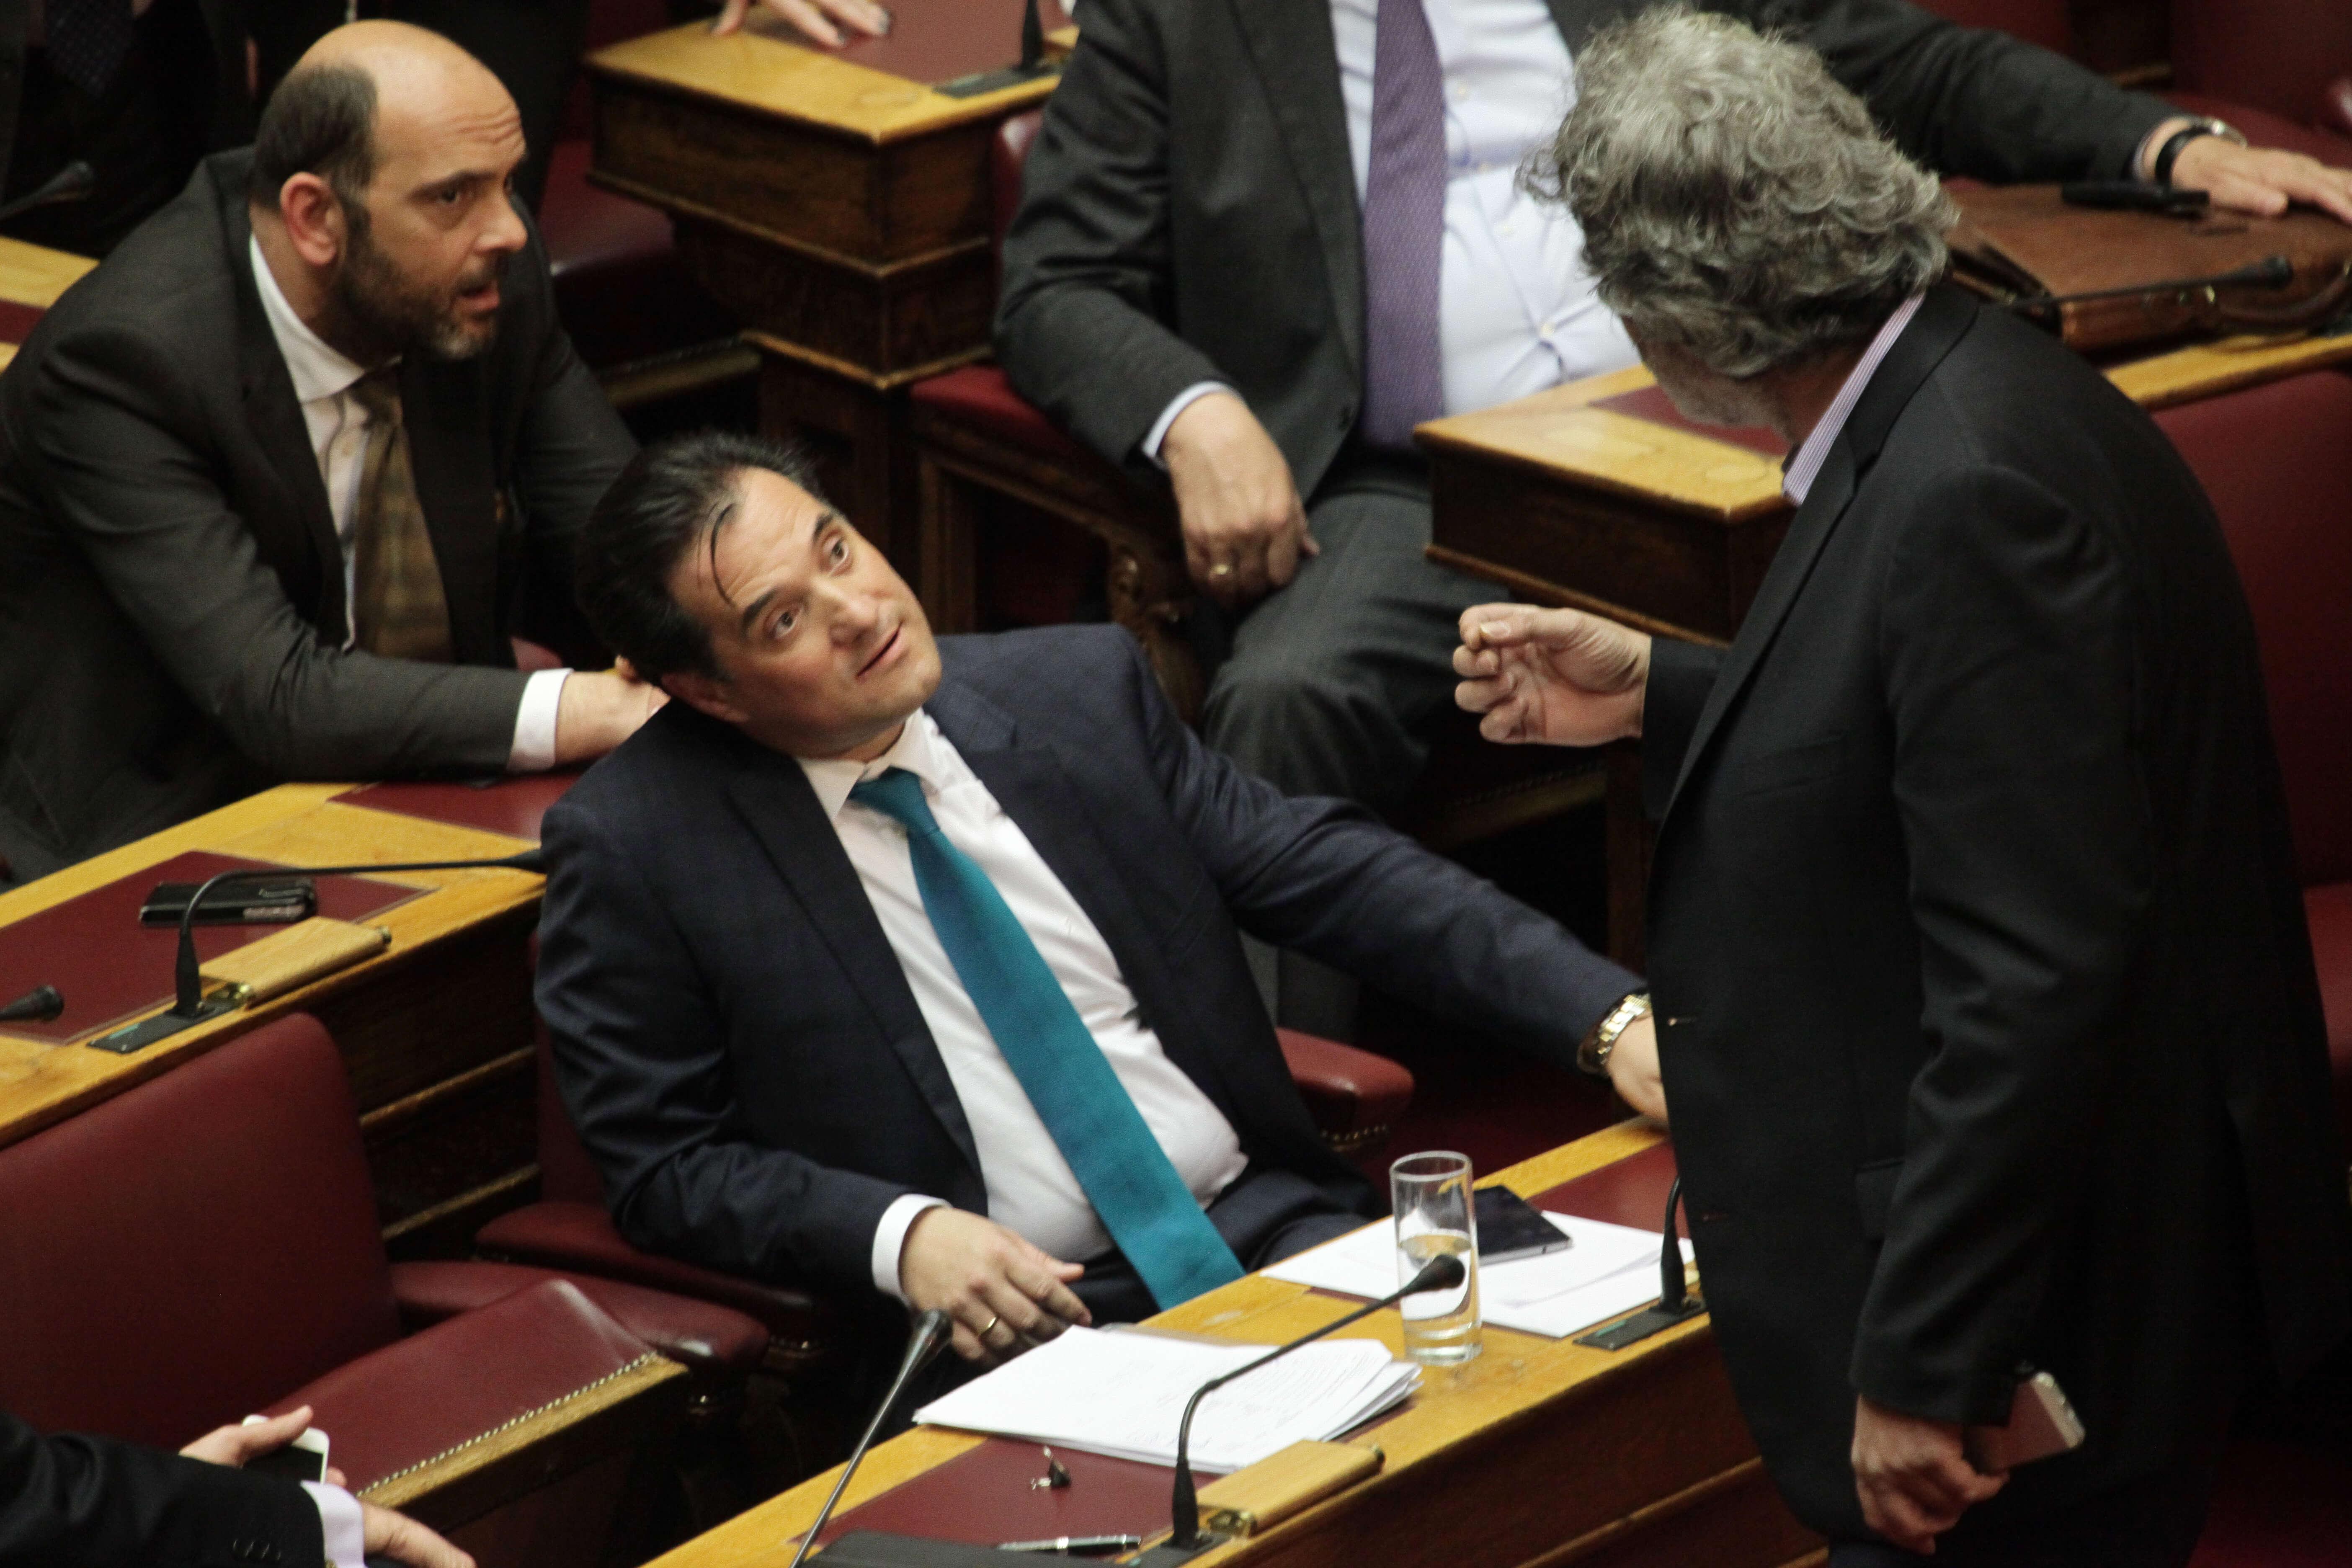 Στα δικαστήρια Πολάκης – Γεωργιάδης – Η αγωγή και η αποζημίωση ύψους 300.000 ευρώ